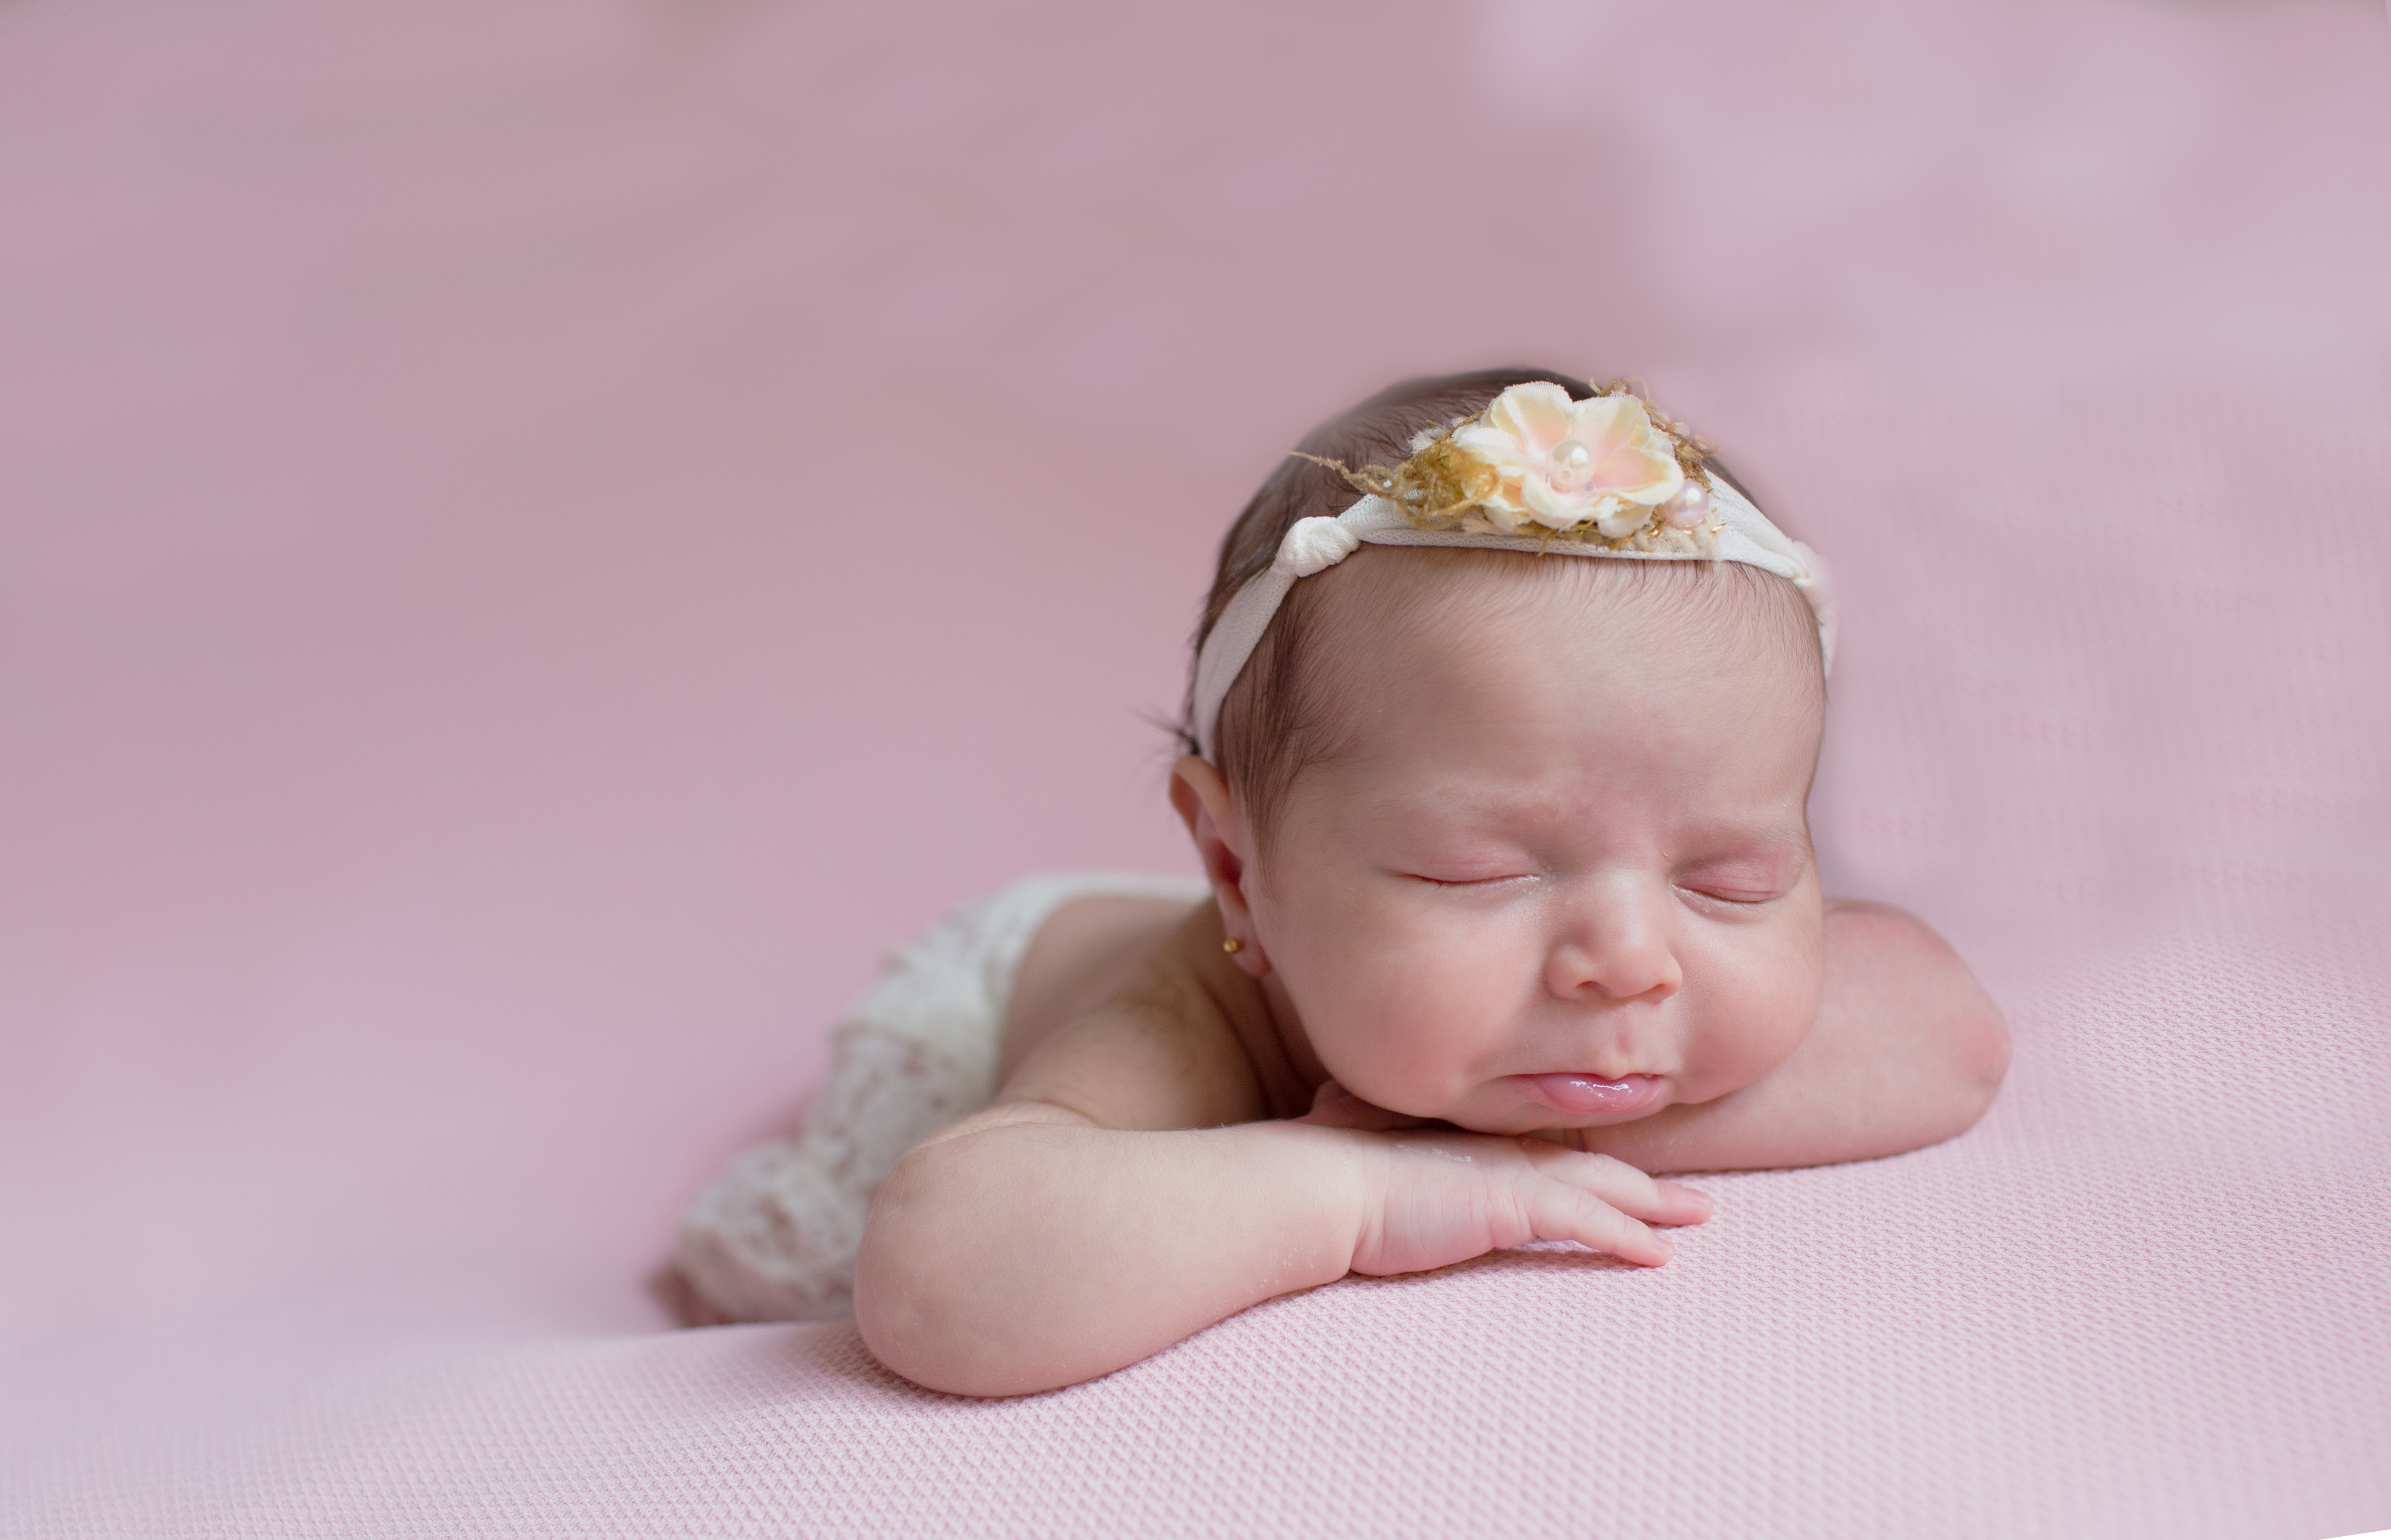 Contate Sessão Fotográfica Recém-nascido Newborn Pré-mamã Bebé Família - Funchal - Valquiria Abreu Fotografia